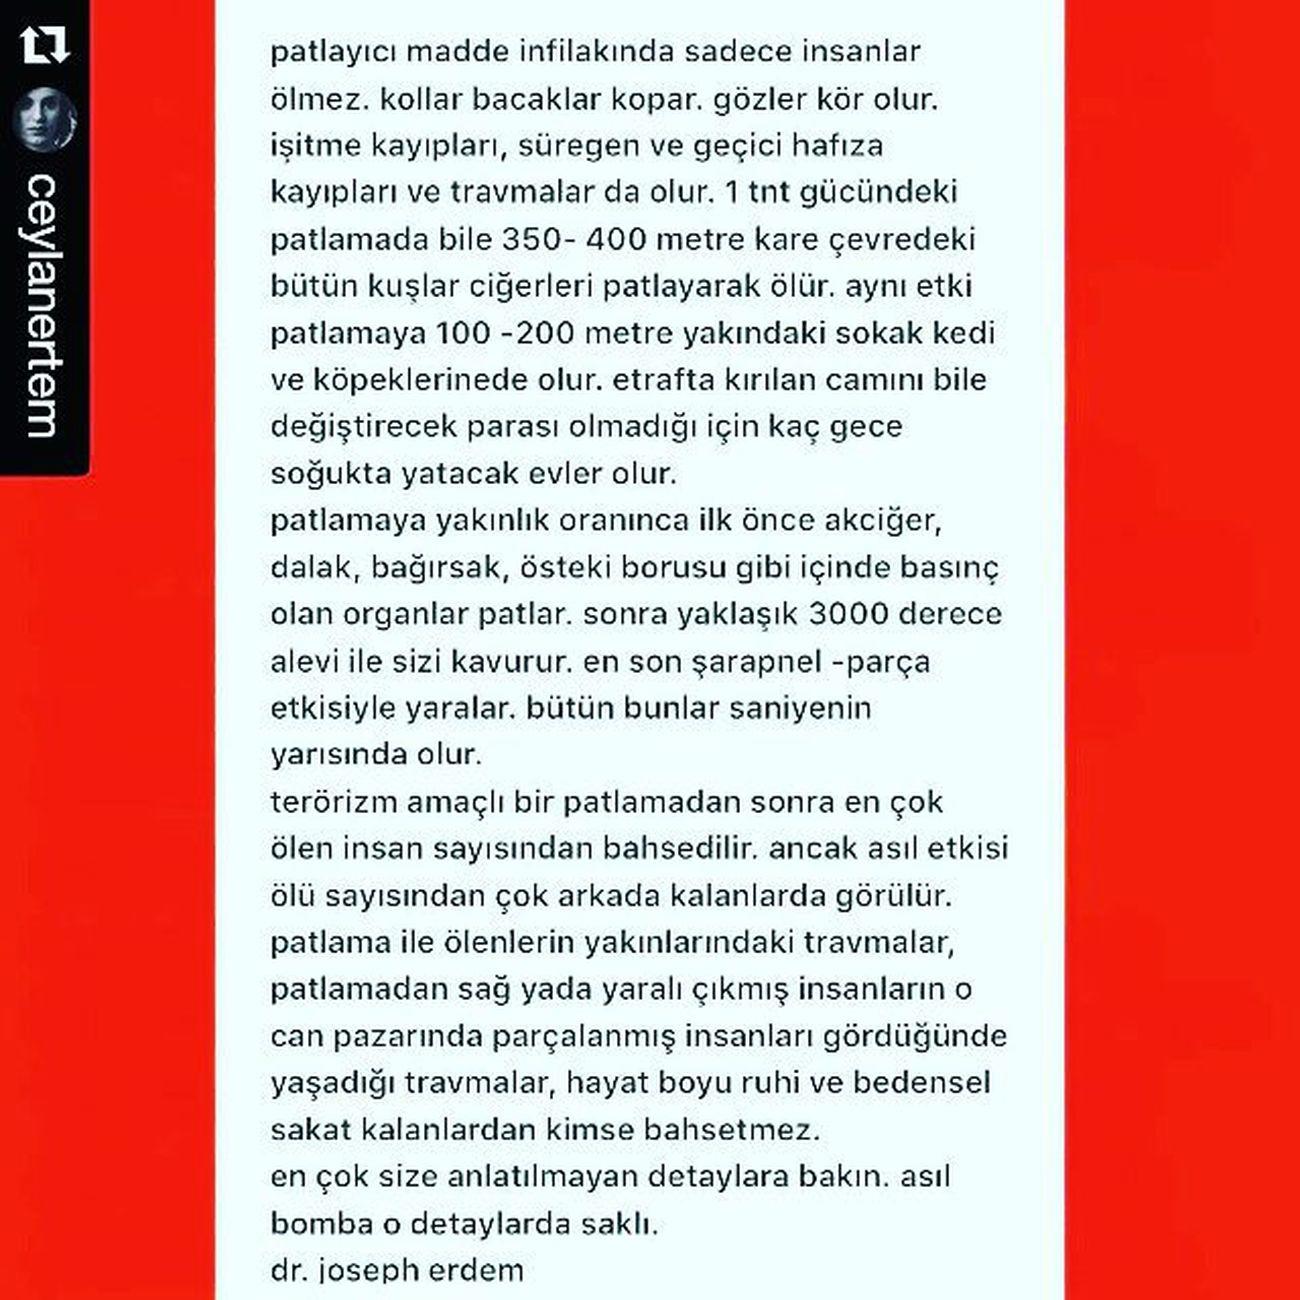 Unutma. 10.10.2015 Ankara Kara Cumartesi Drjosepherdem